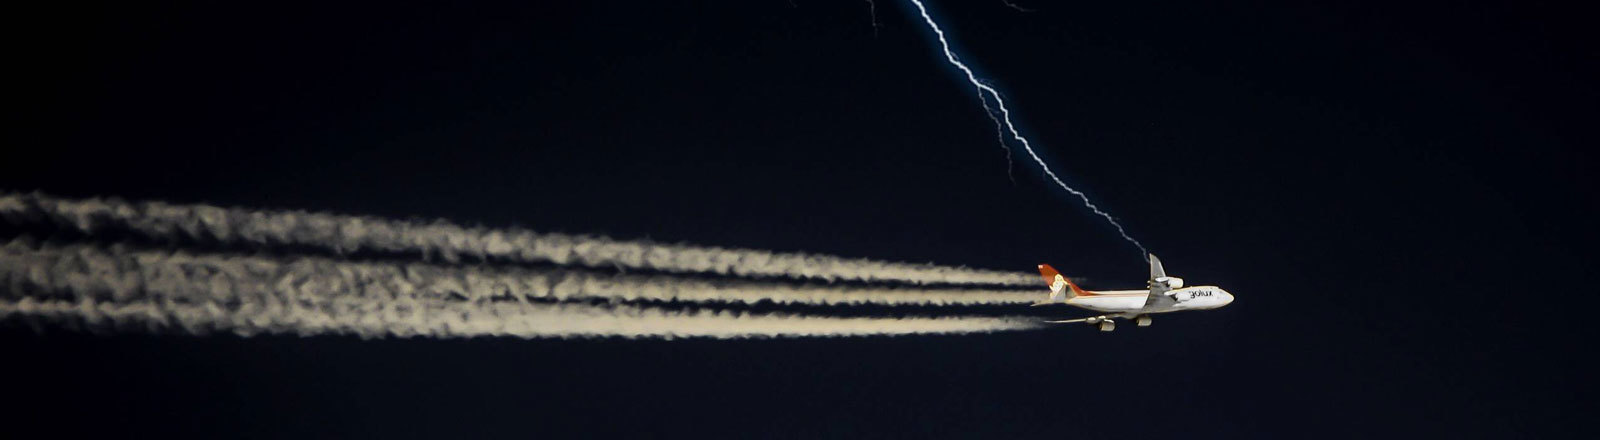 Ein Flugzeug, dass auf einen Blitz zufliegt